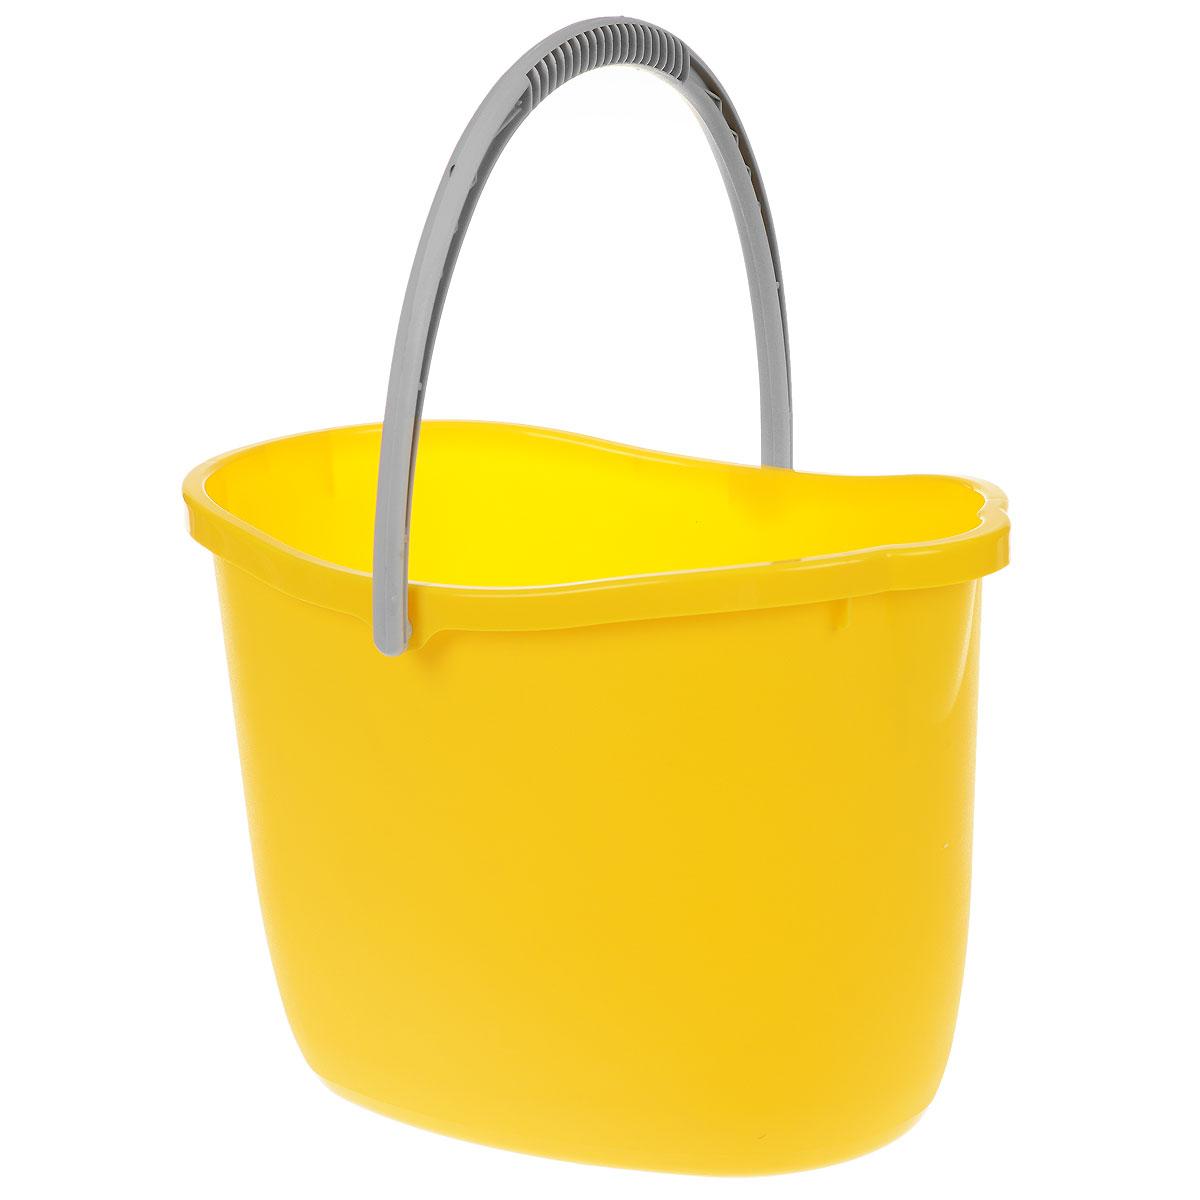 Ведро Apex, цвет: желтый, 15 л. 1036510365-A_желтыйВедро Apex изготовлено из высококачественного цветного пластика. Оно легче железного и не подвержено коррозии.Уникальный дизайн и эргономическая форма ручки позволяет с комфортом и безболезненно переносить содержимое ведра.Такое ведро станет незаменимым помощником в хозяйстве.Размер (по верхнему краю): 26 см х 37 см.Высота (без учета ручки): 26 см.